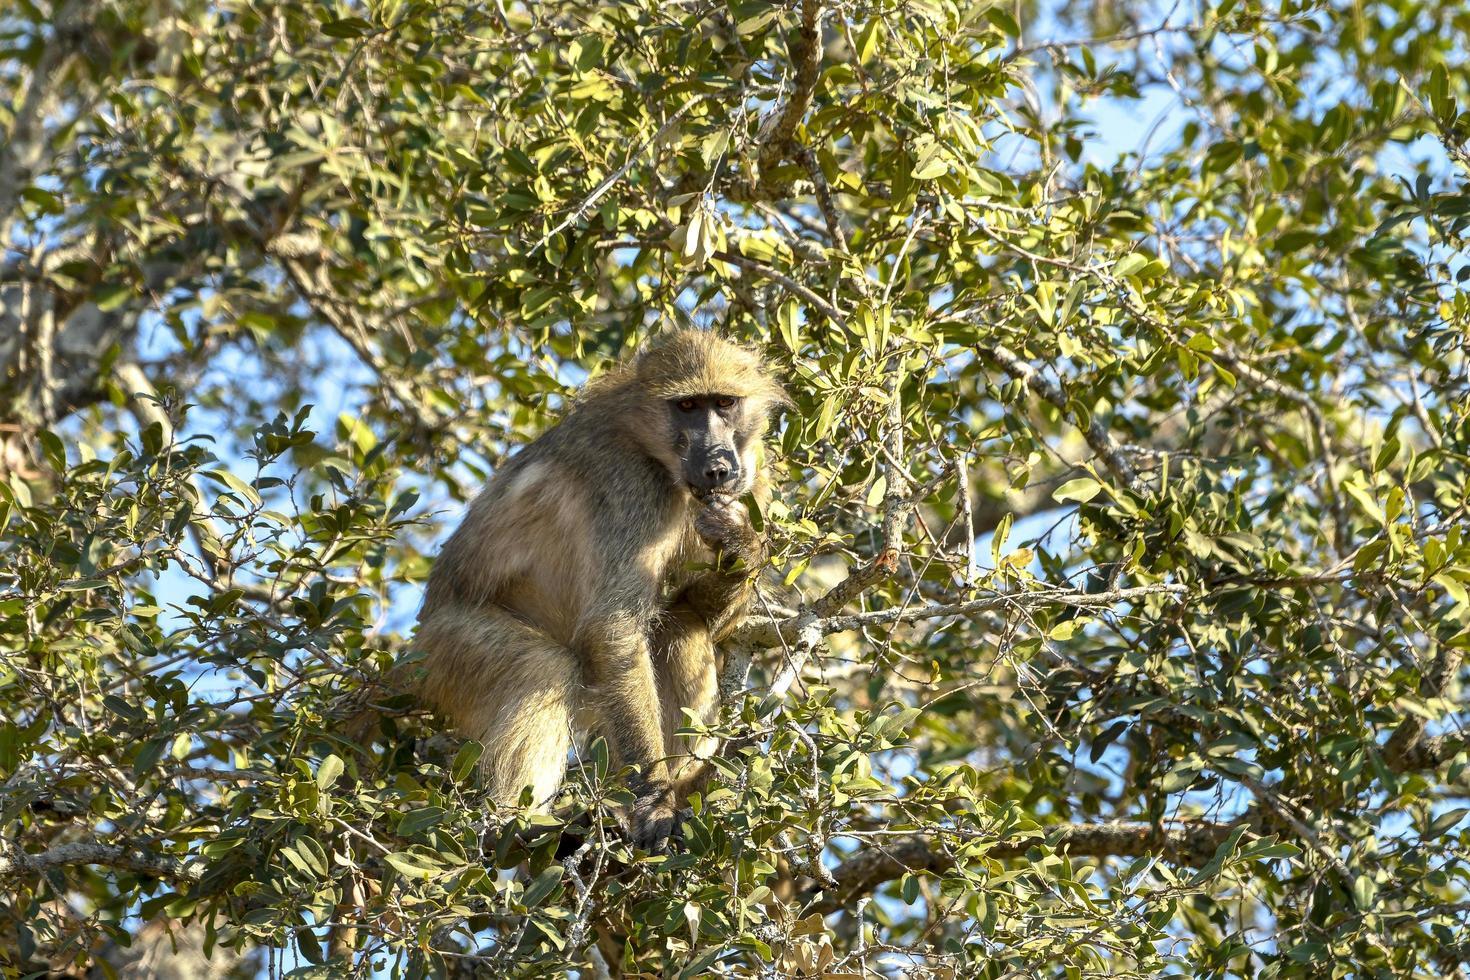 vild babian som äter frukt på ett träd - Sydafrika foto